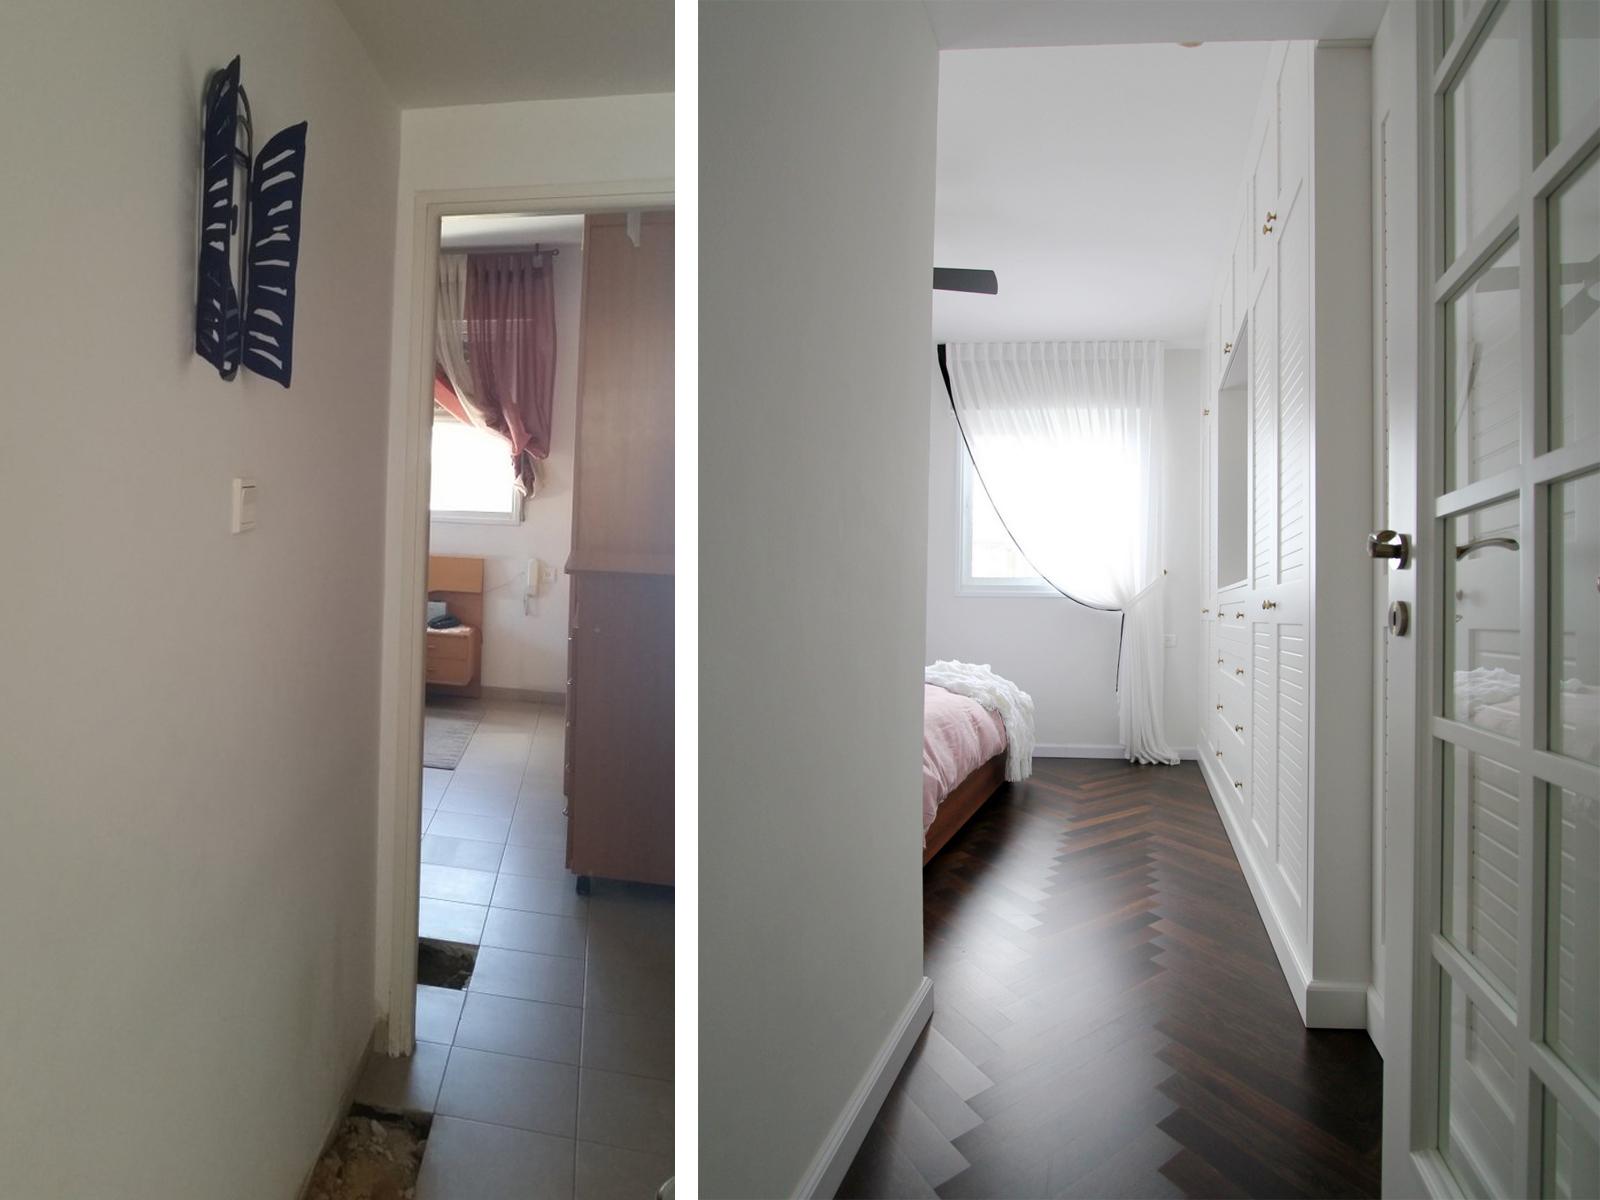 לפני ואחרי מבואה לחדר שינה עיצוב וצילום לירון גונן